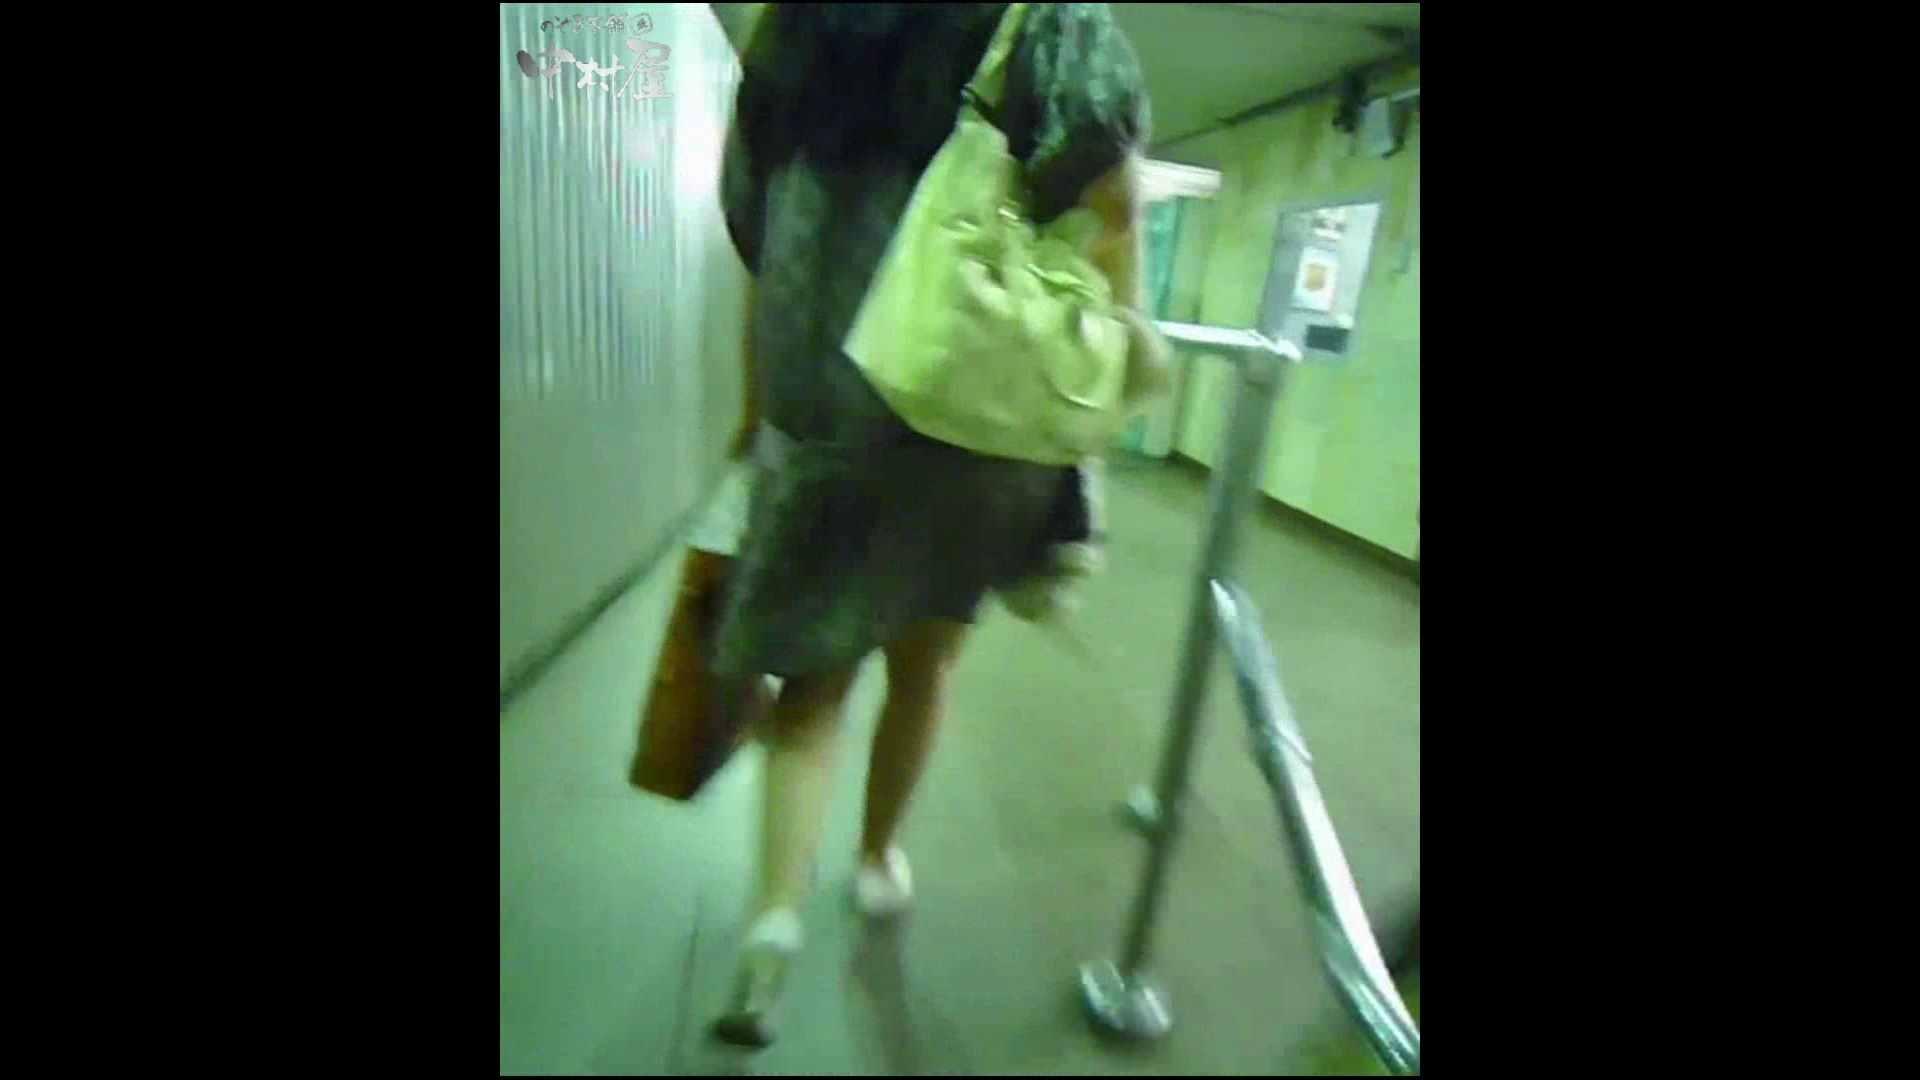 綺麗なモデルさんのスカート捲っちゃおう‼ vol26 モデル われめAV動画紹介 80pic 77